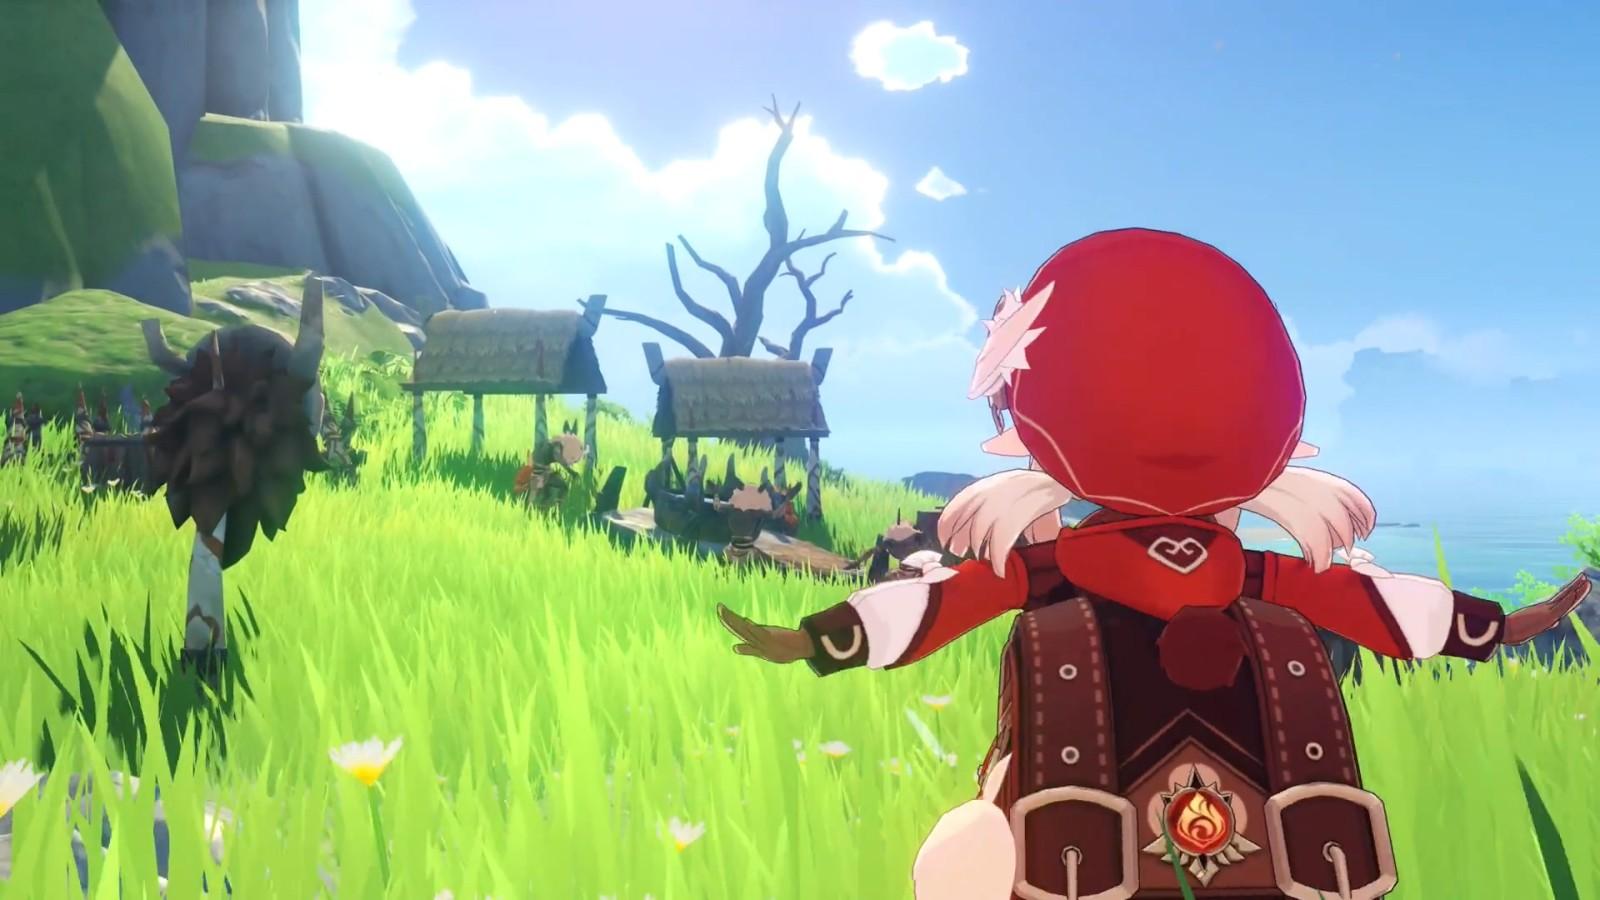 《原神》1.6版本PV公布:「盛夏!海岛?大冒险!」